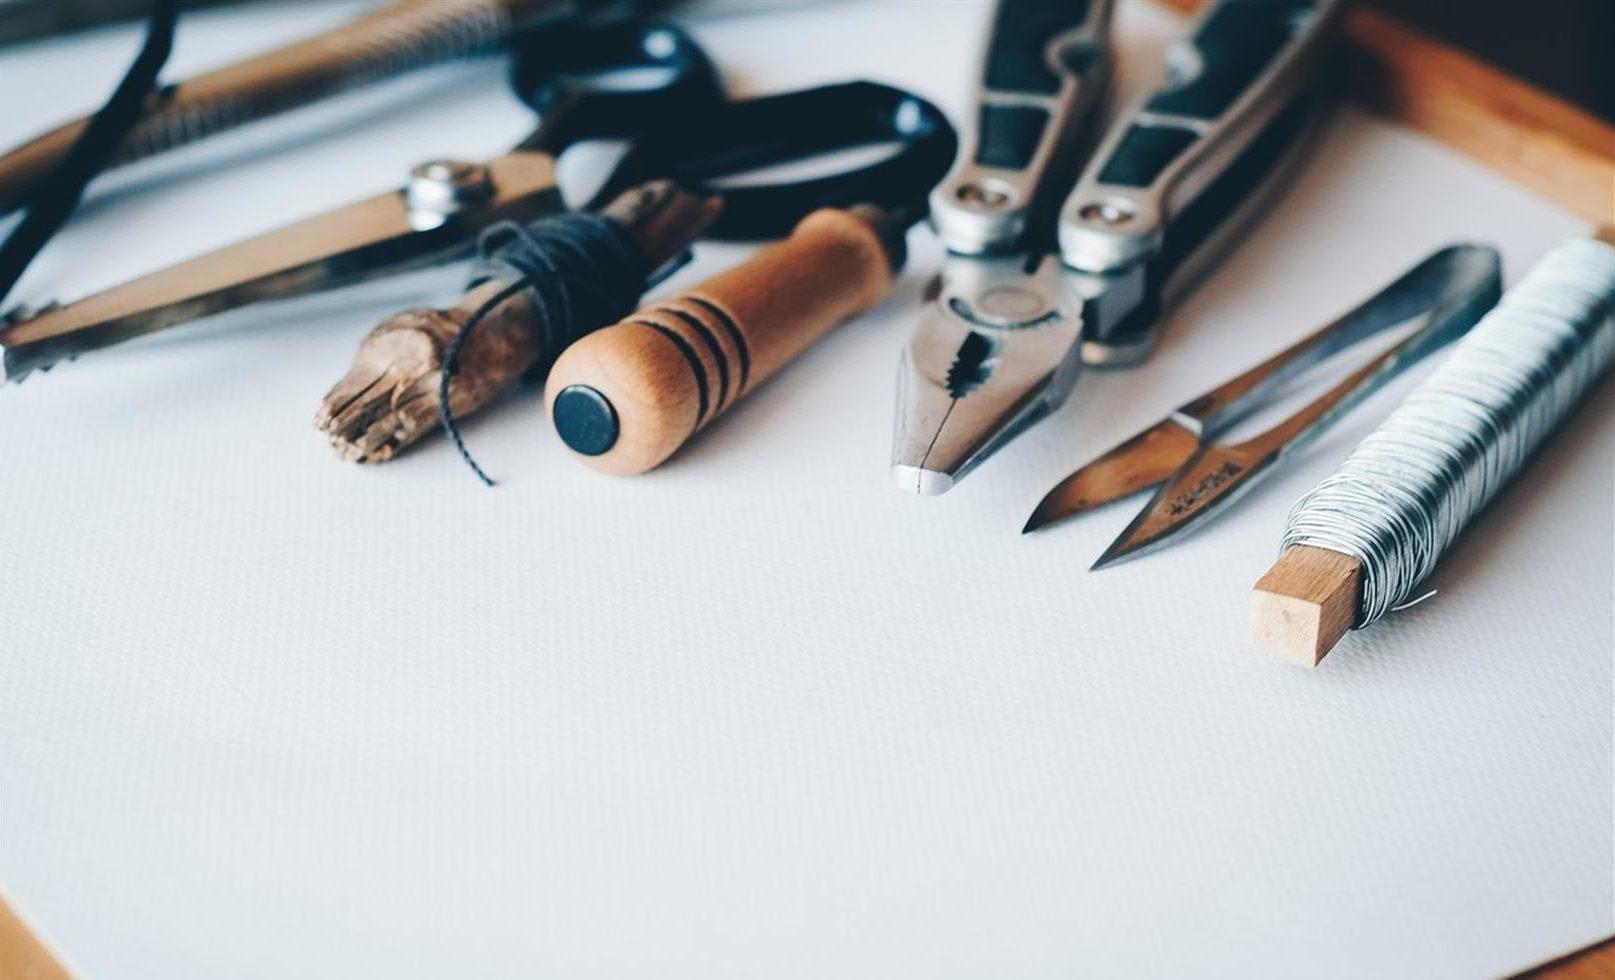 Artigianato Artistico Puglia.Maestro Artigiano La Regione Puglia Apre La Procedura